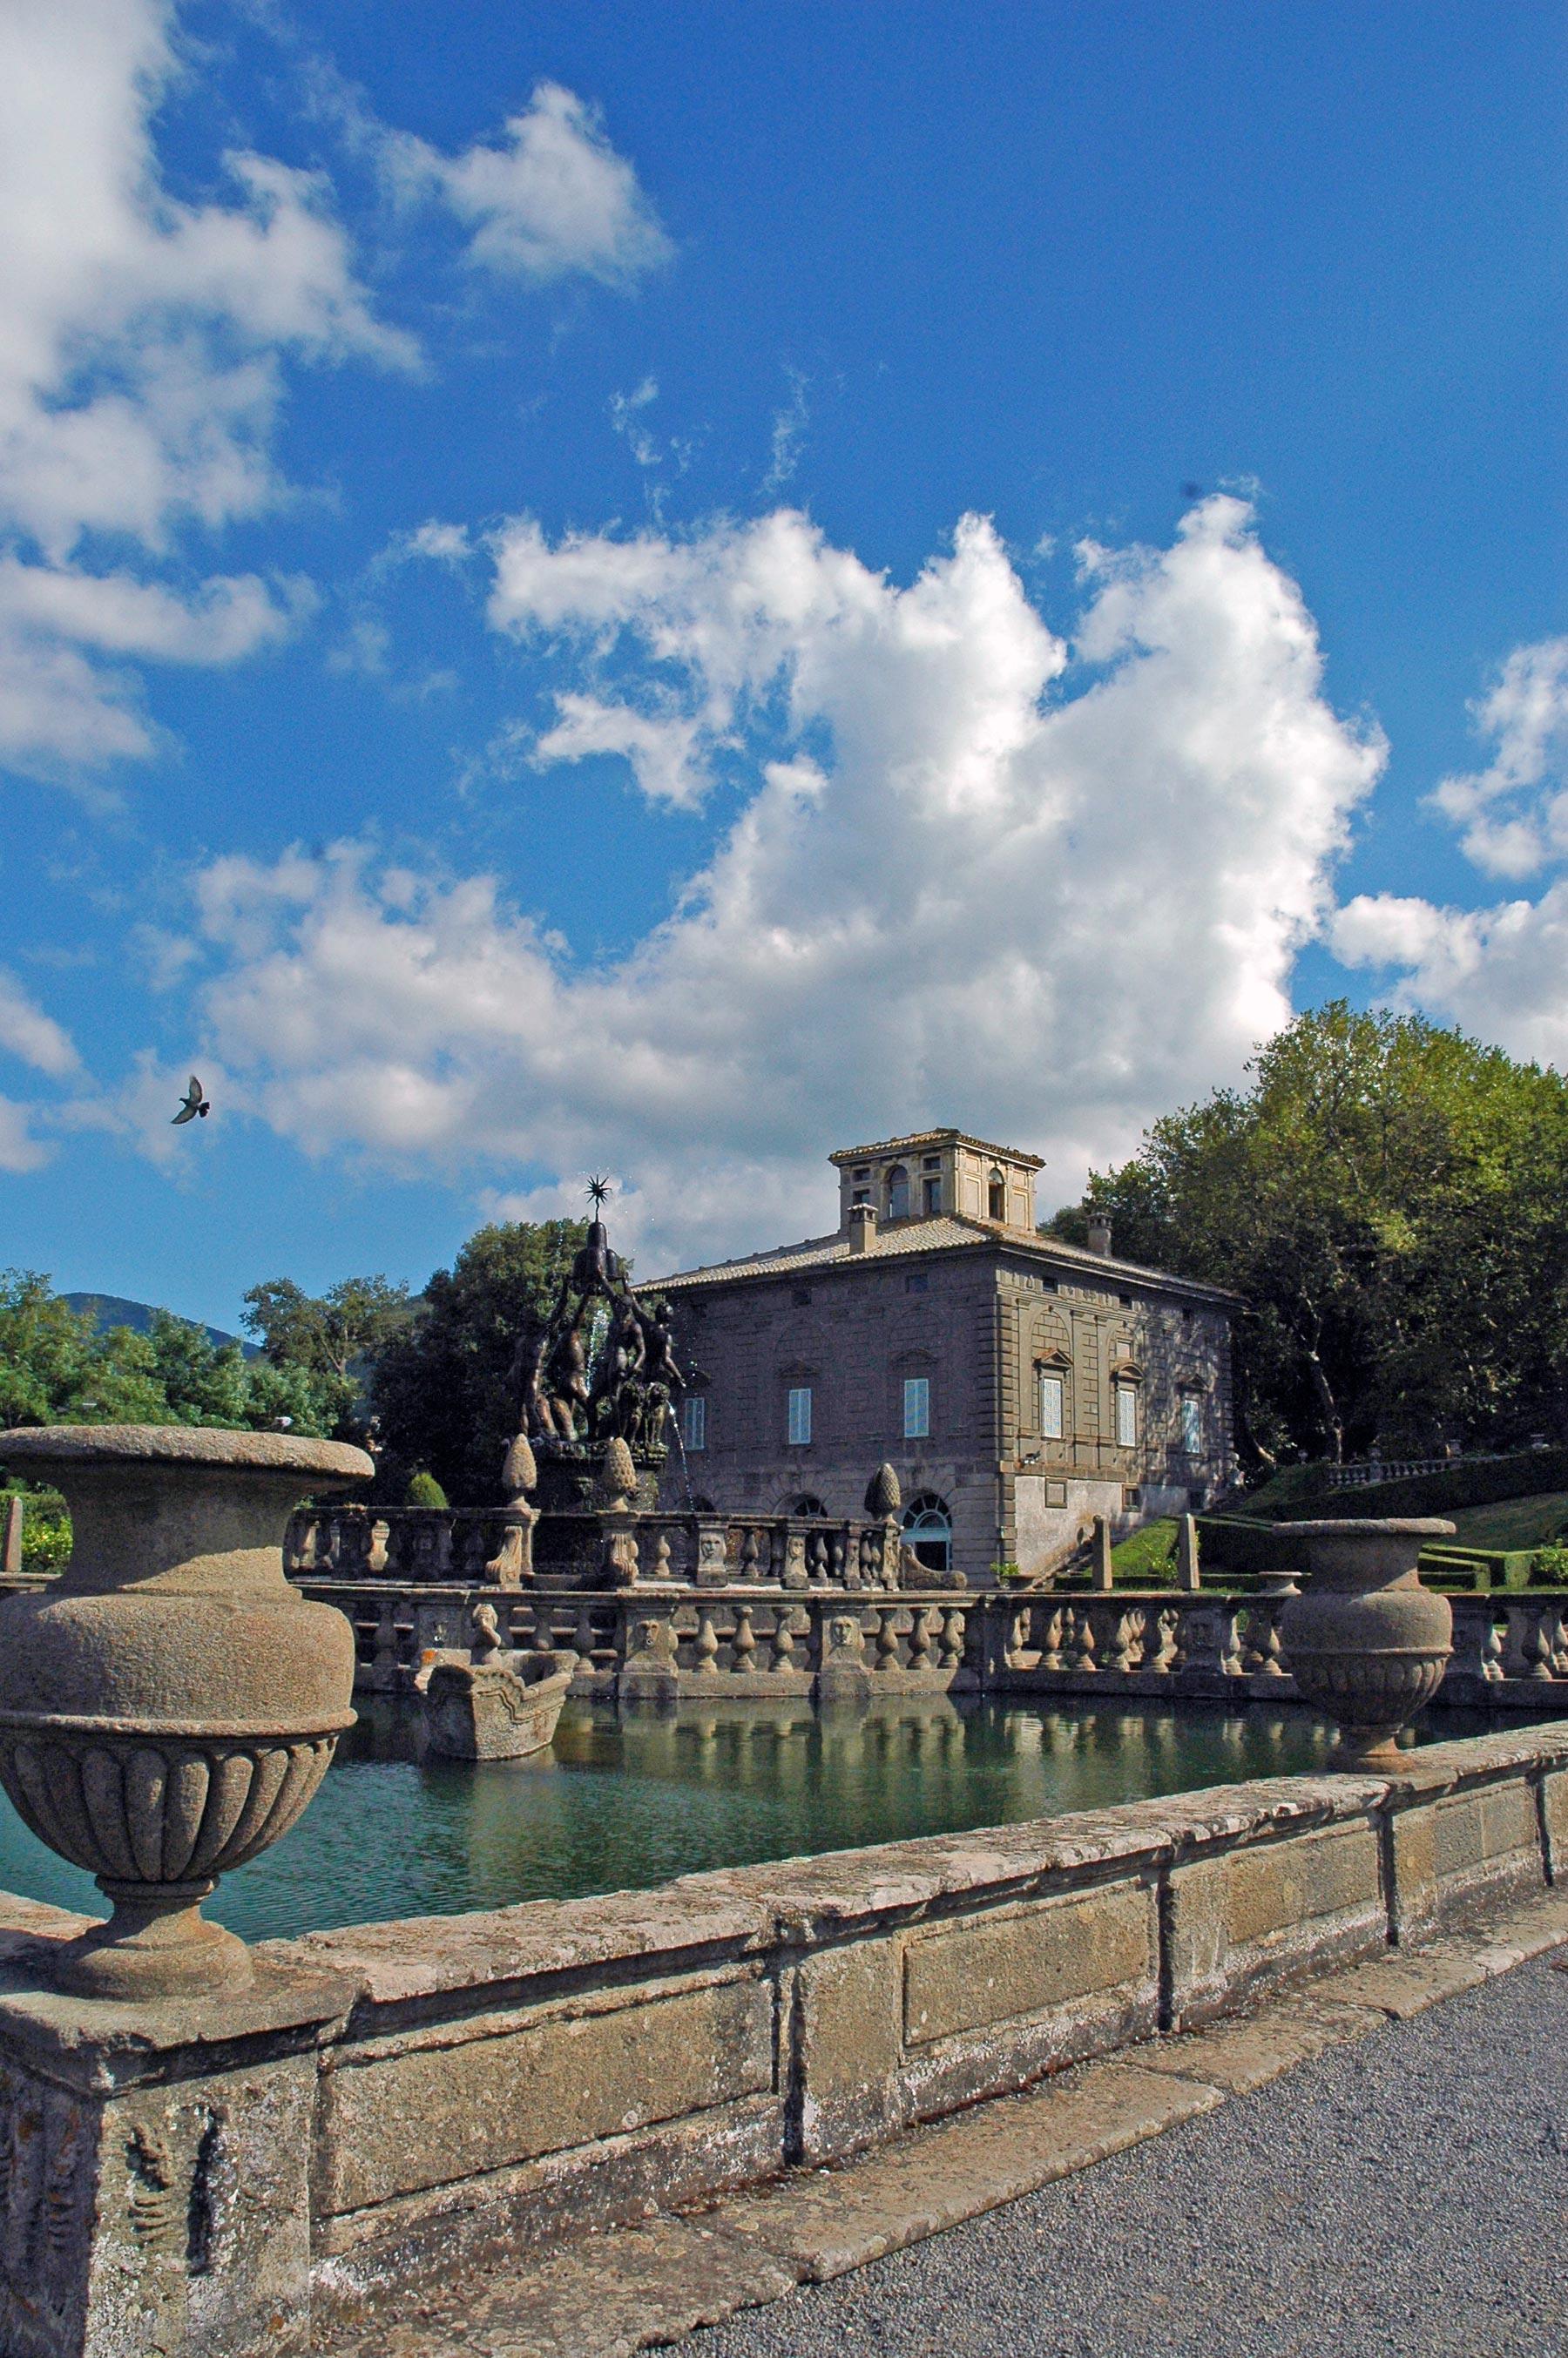 Villa Lante Fontana dei Mori